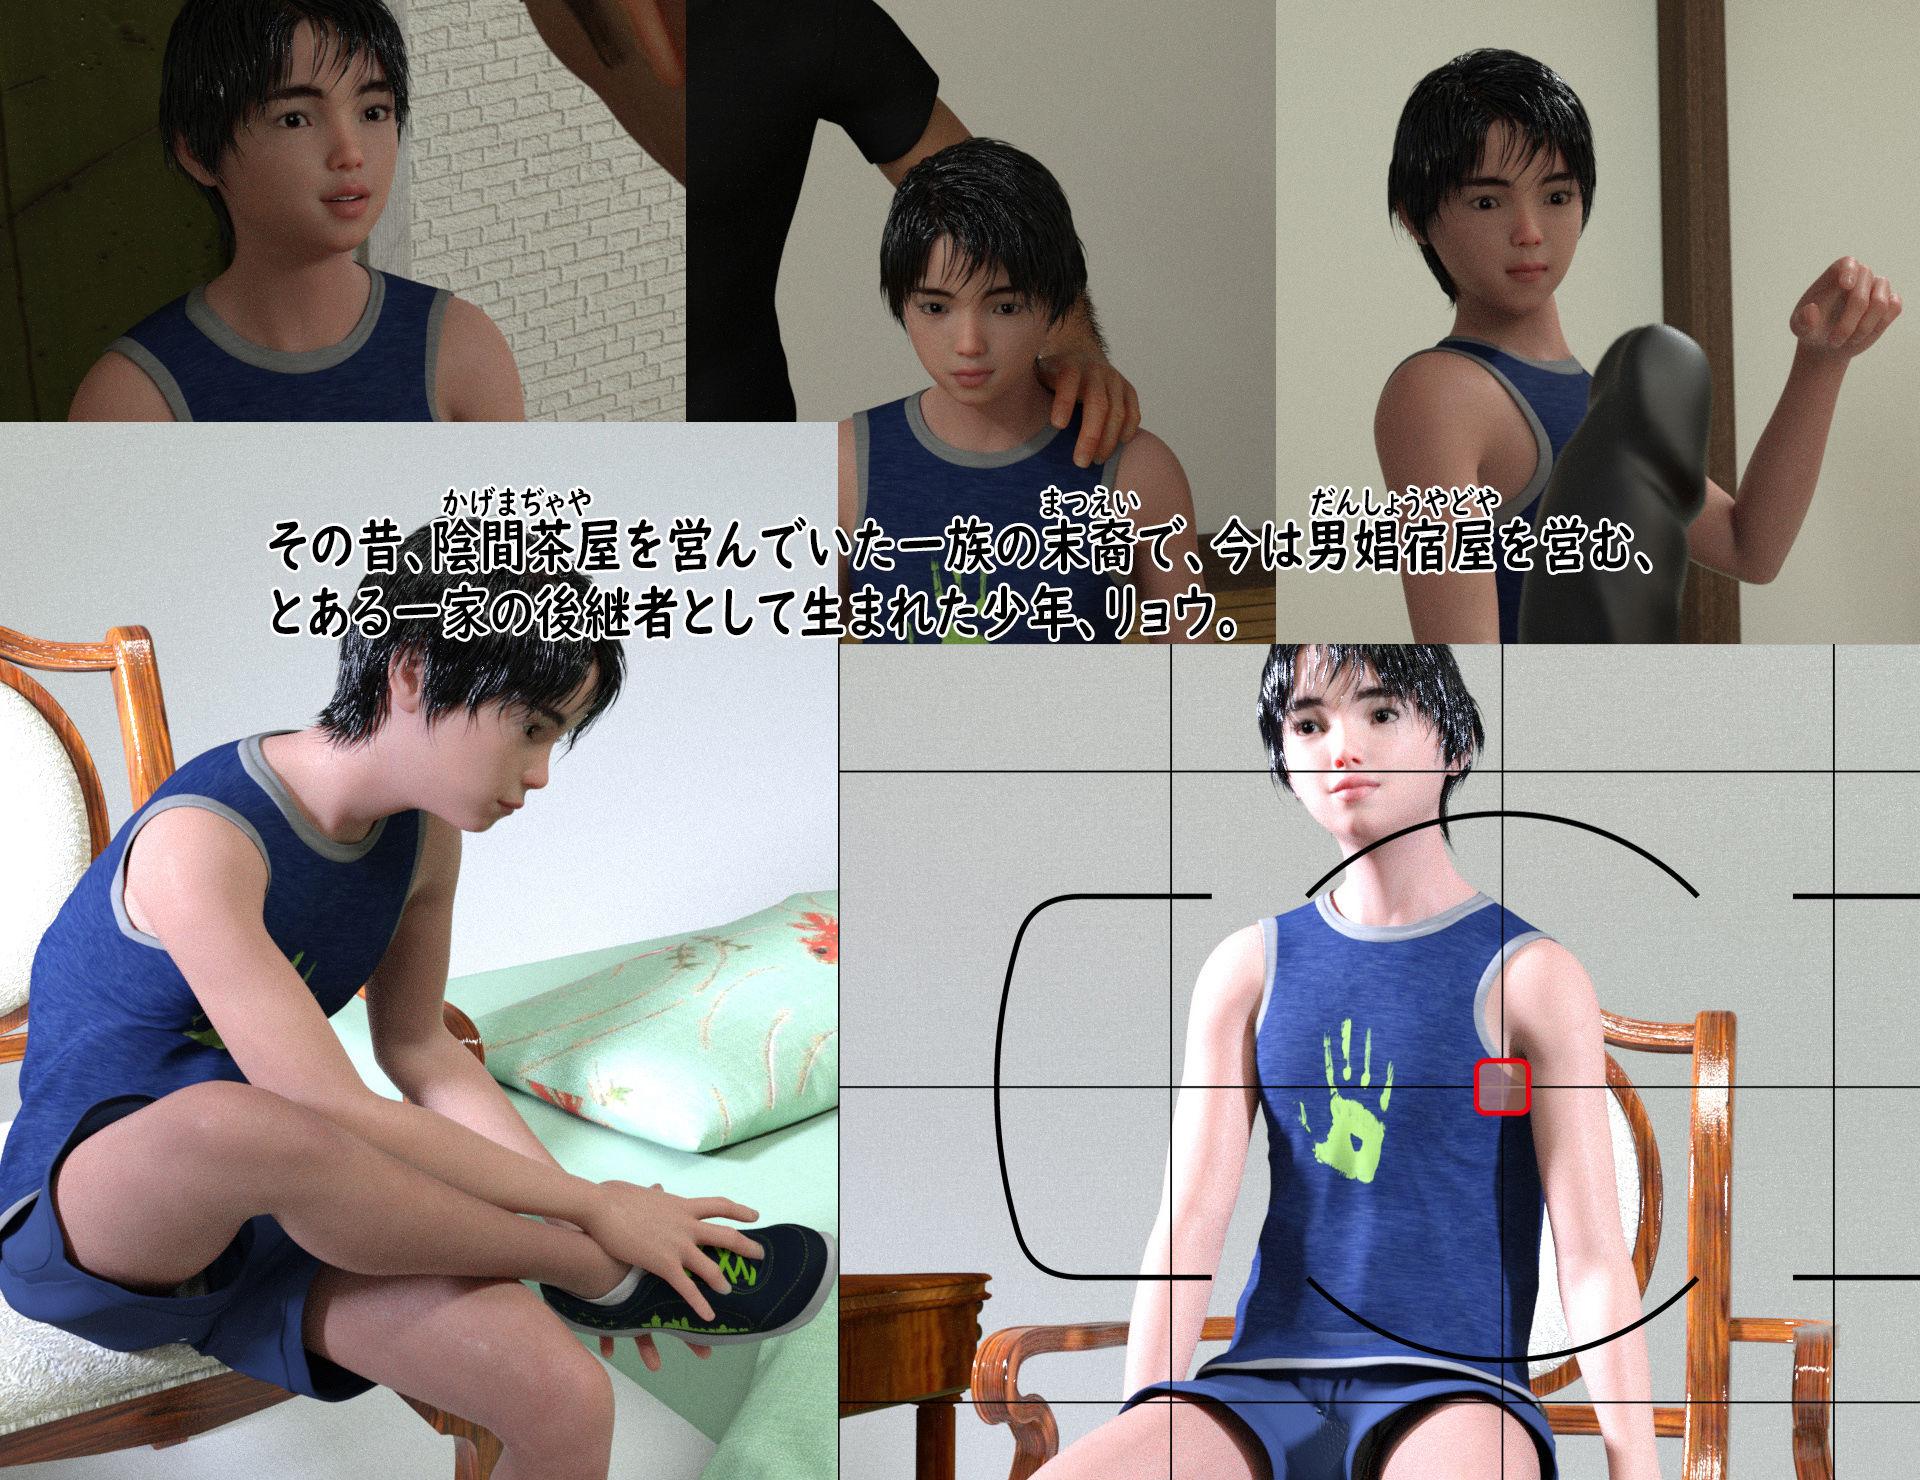 生ショタえっち体験記(1) -リョウのH写真集撮影- エロ画像